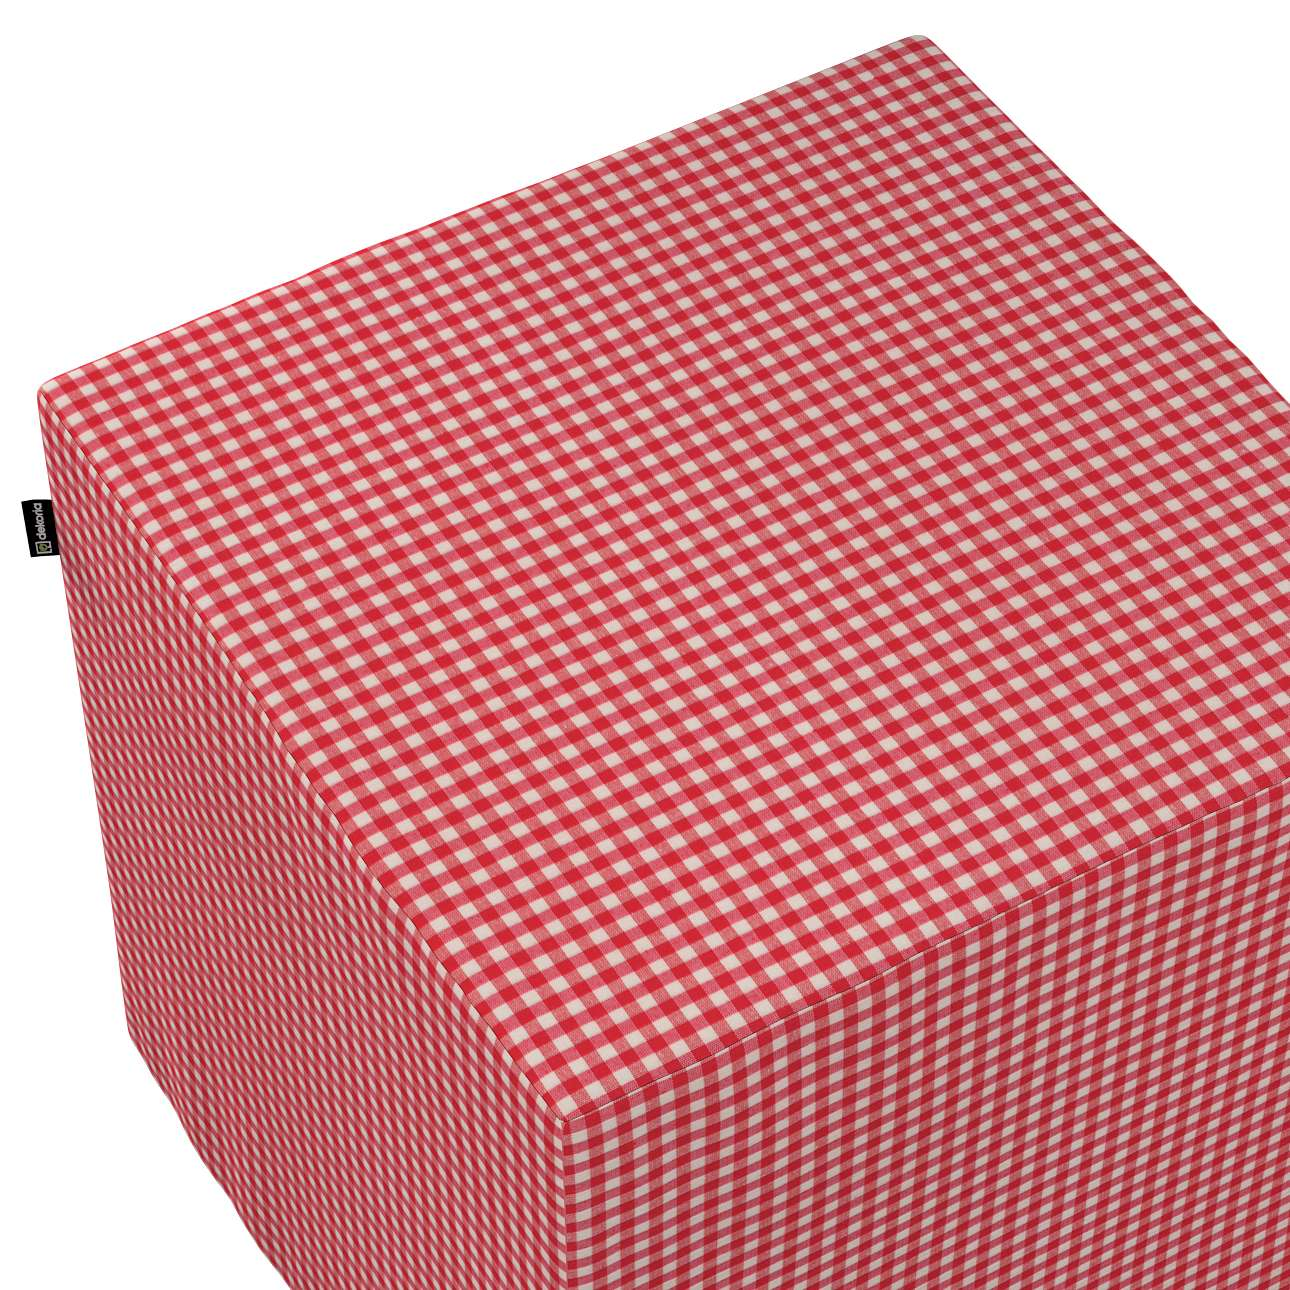 Sedák Cube - kostka pevná 40x40x40 v kolekci Quadro, látka: 136-15